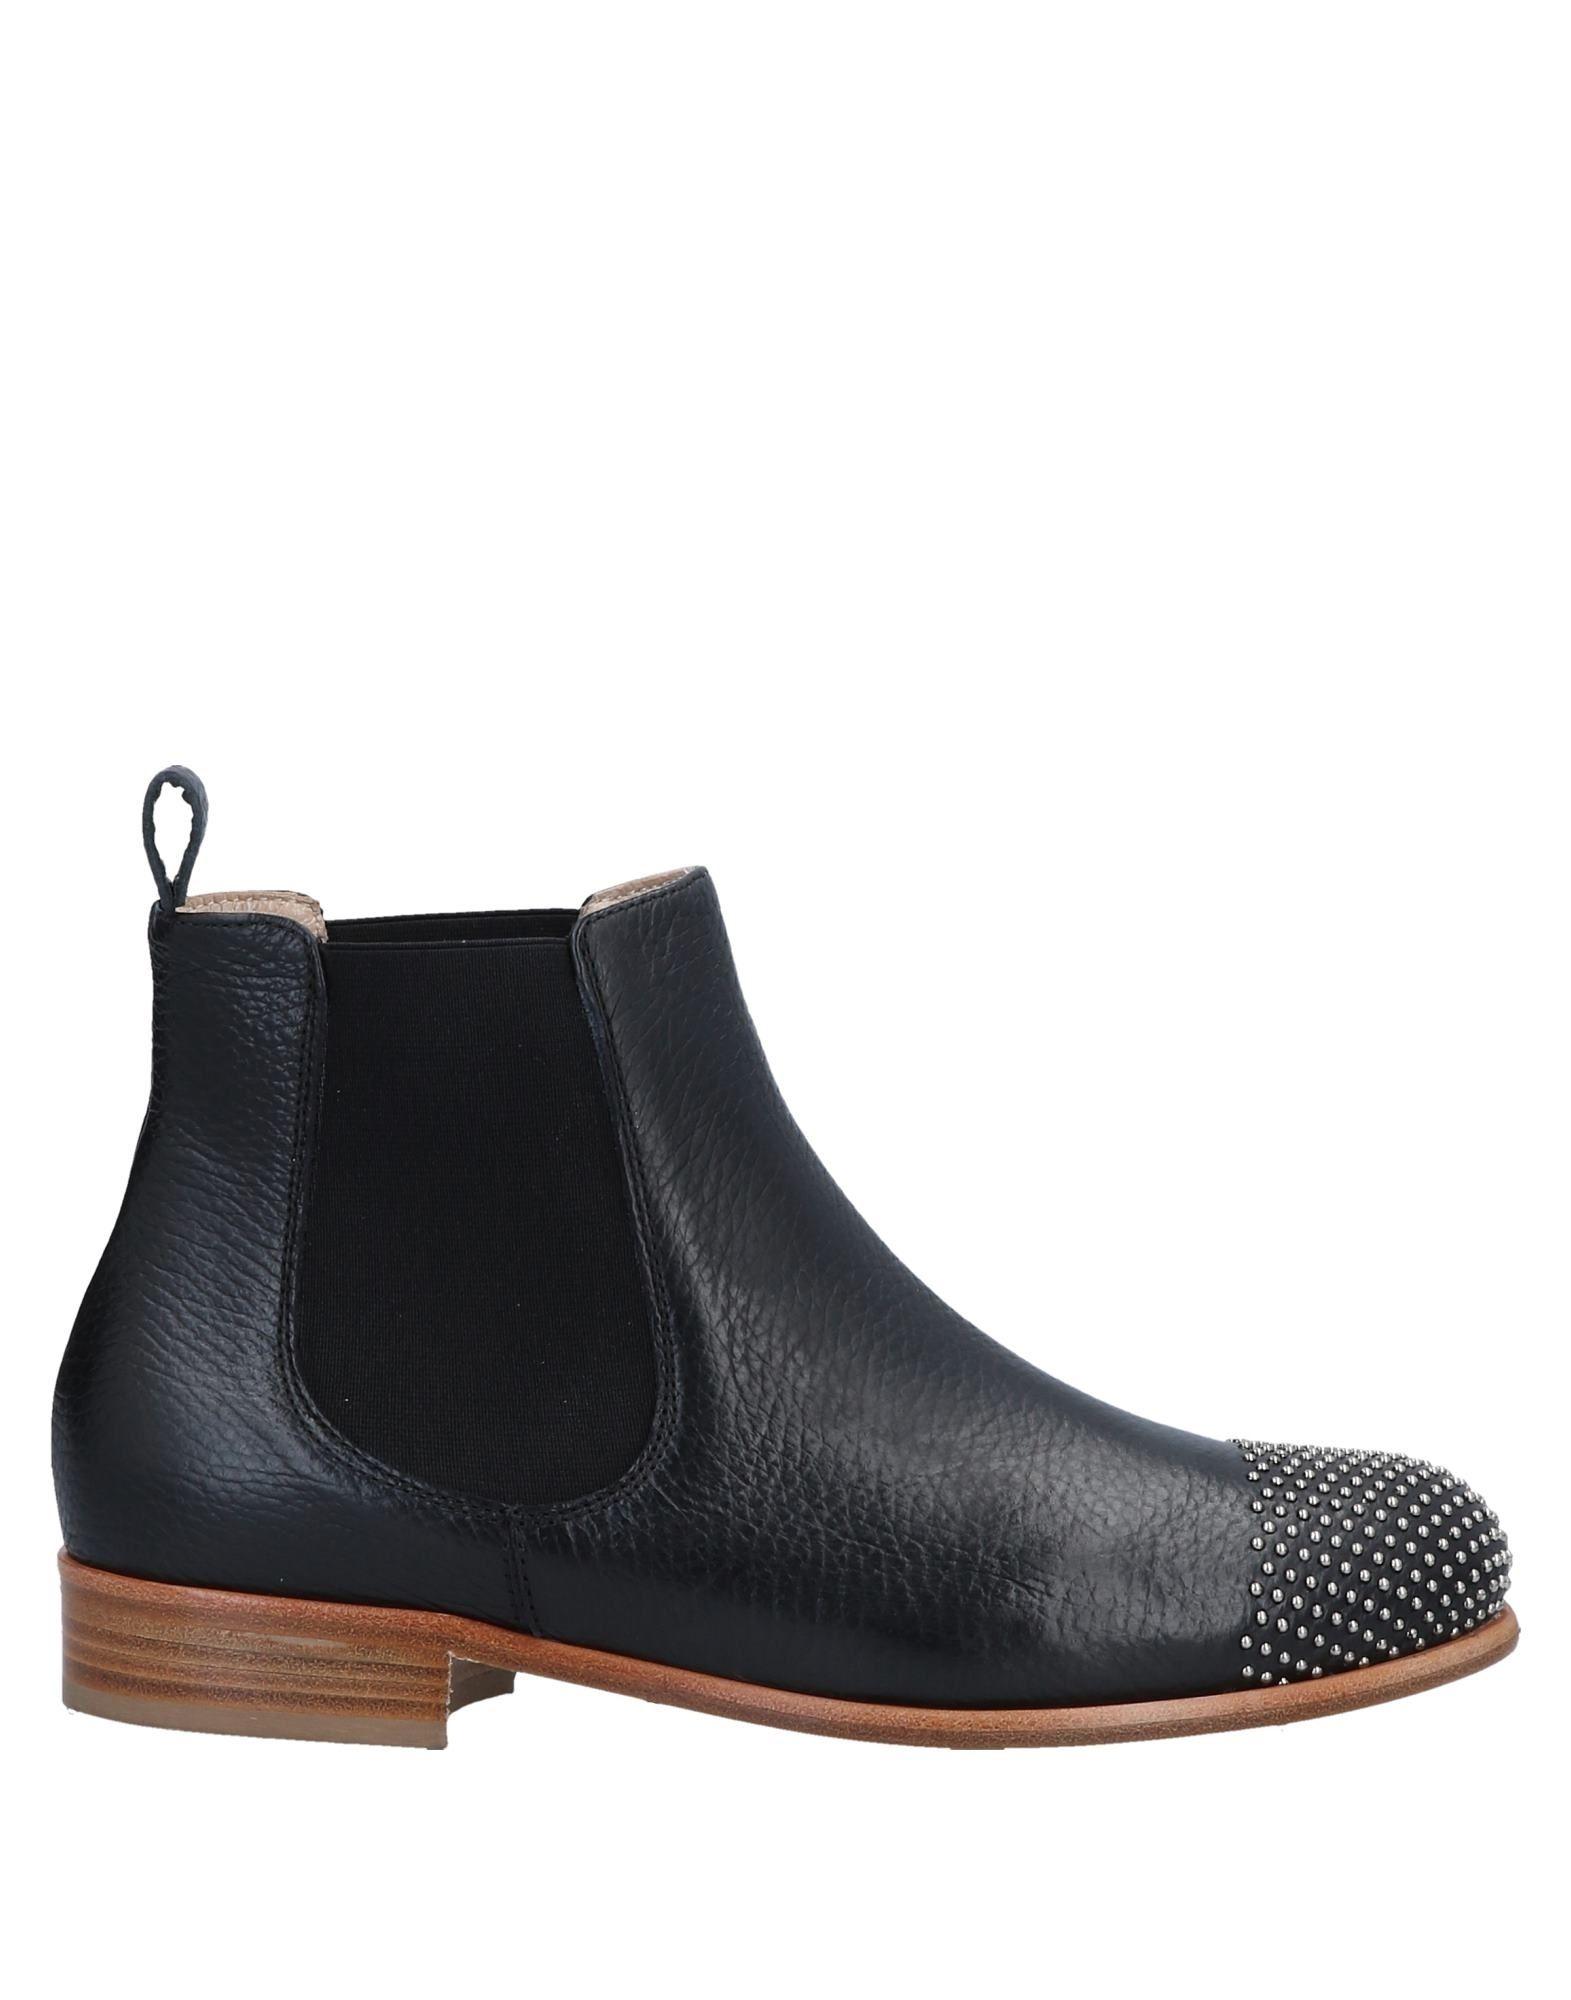 《送料無料》EMANUELA PASSERI レディース ショートブーツ ブラック 36 牛革(カーフ)